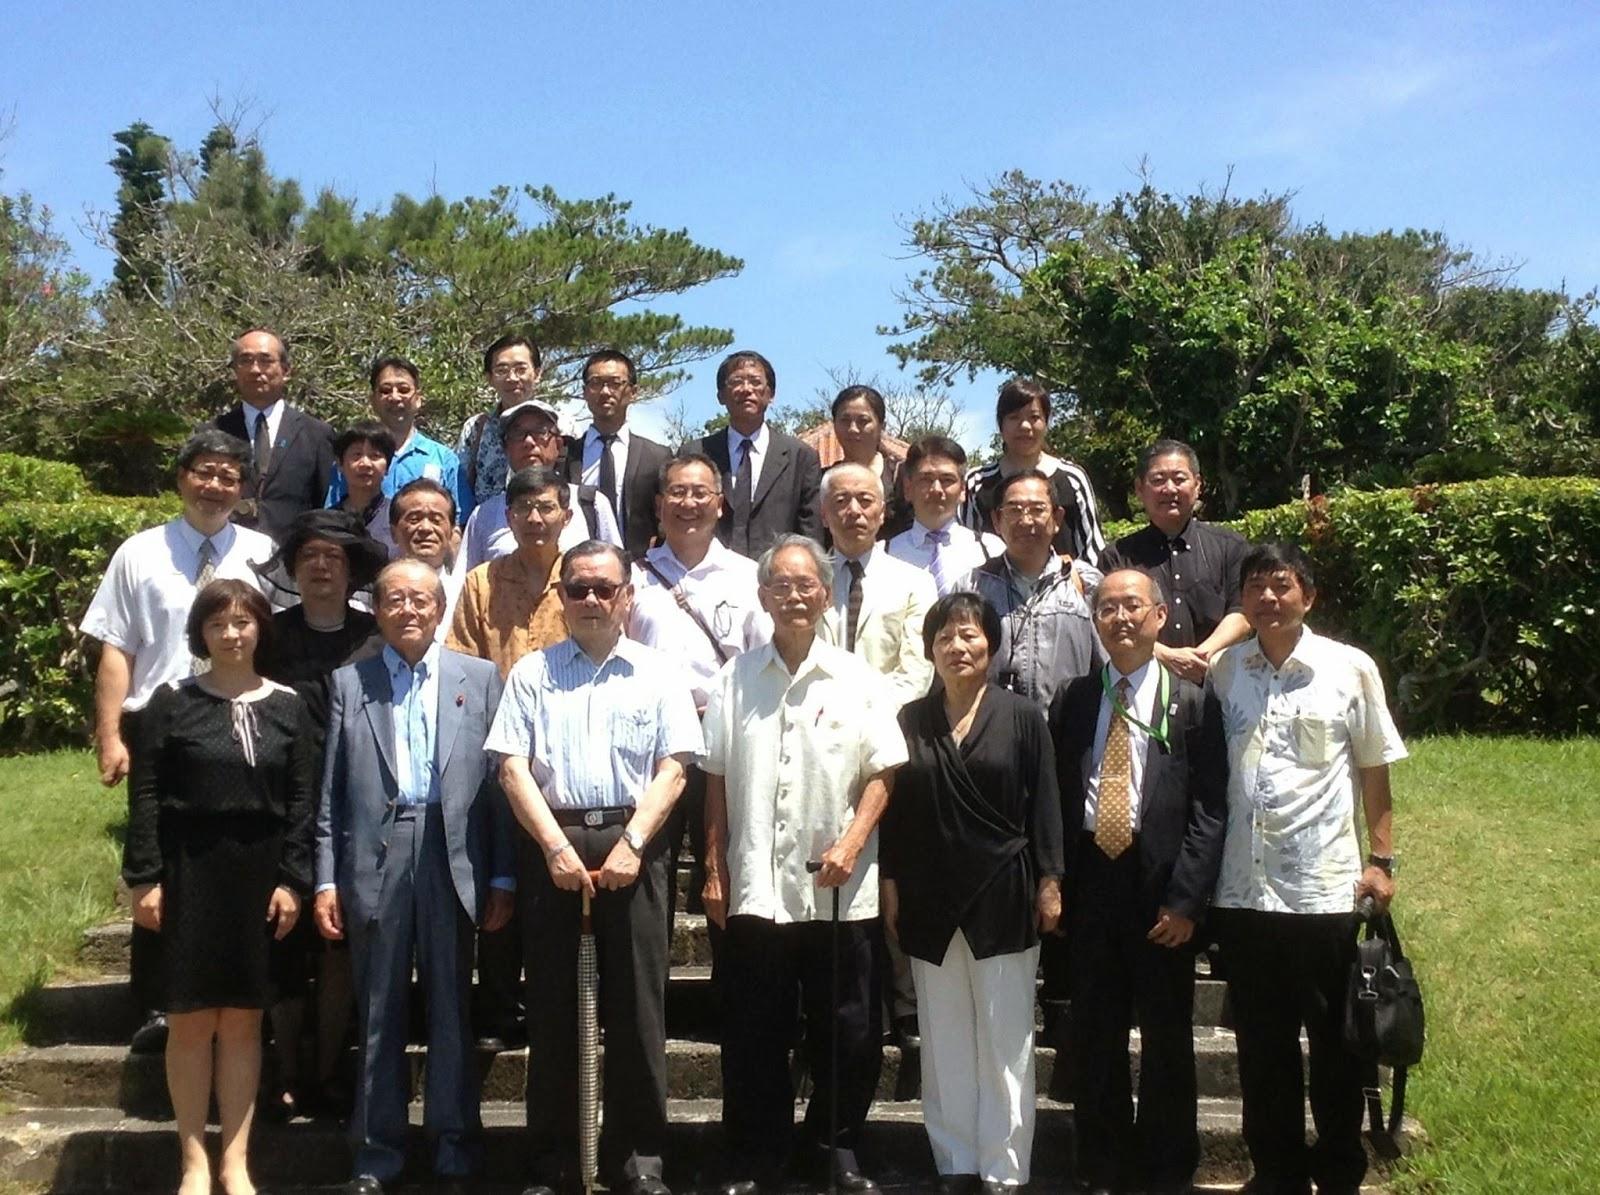 (前列、左から周立法委員、愛知和男氏、李雪峰氏、楊馥成氏、葉立法委員、... 台湾人戦没者慰霊施